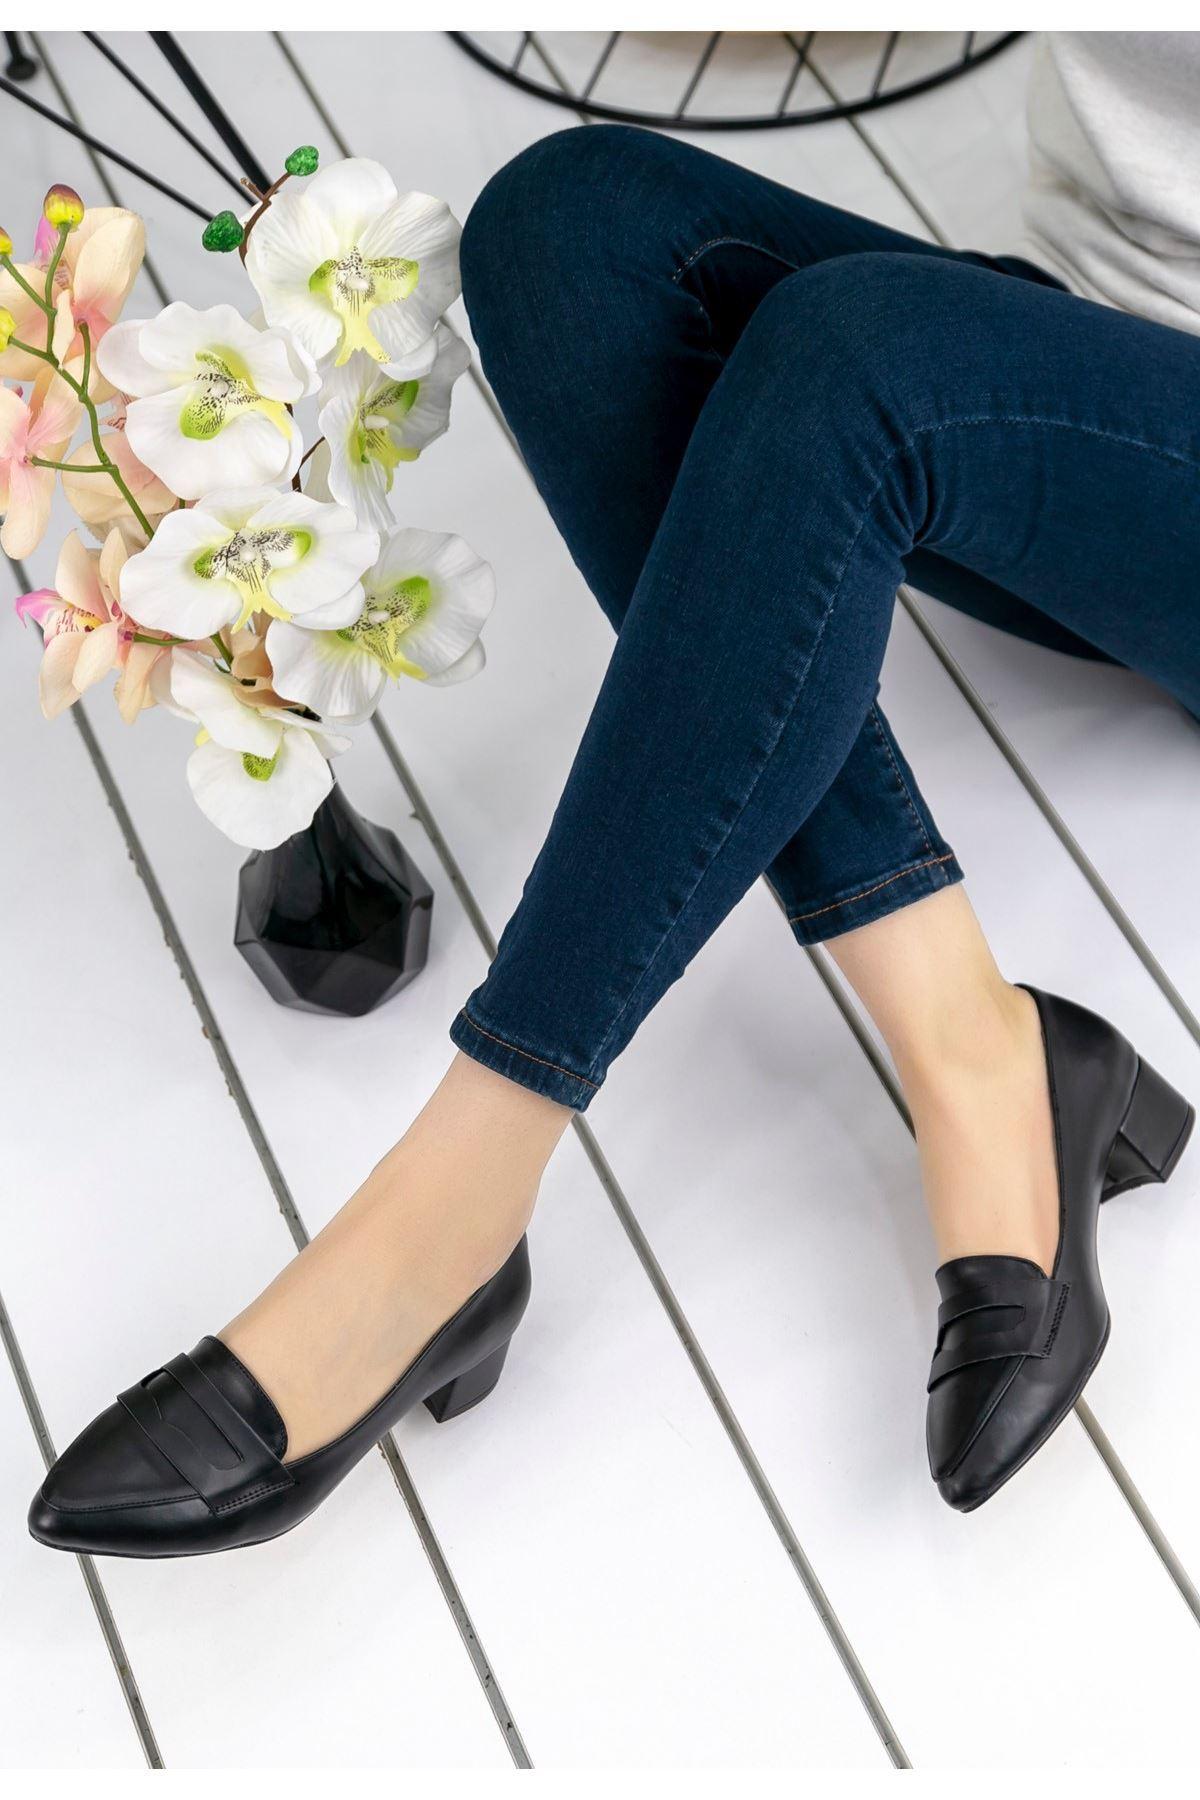 Reyna Siyah Cilt Topuklu Ayakkabı